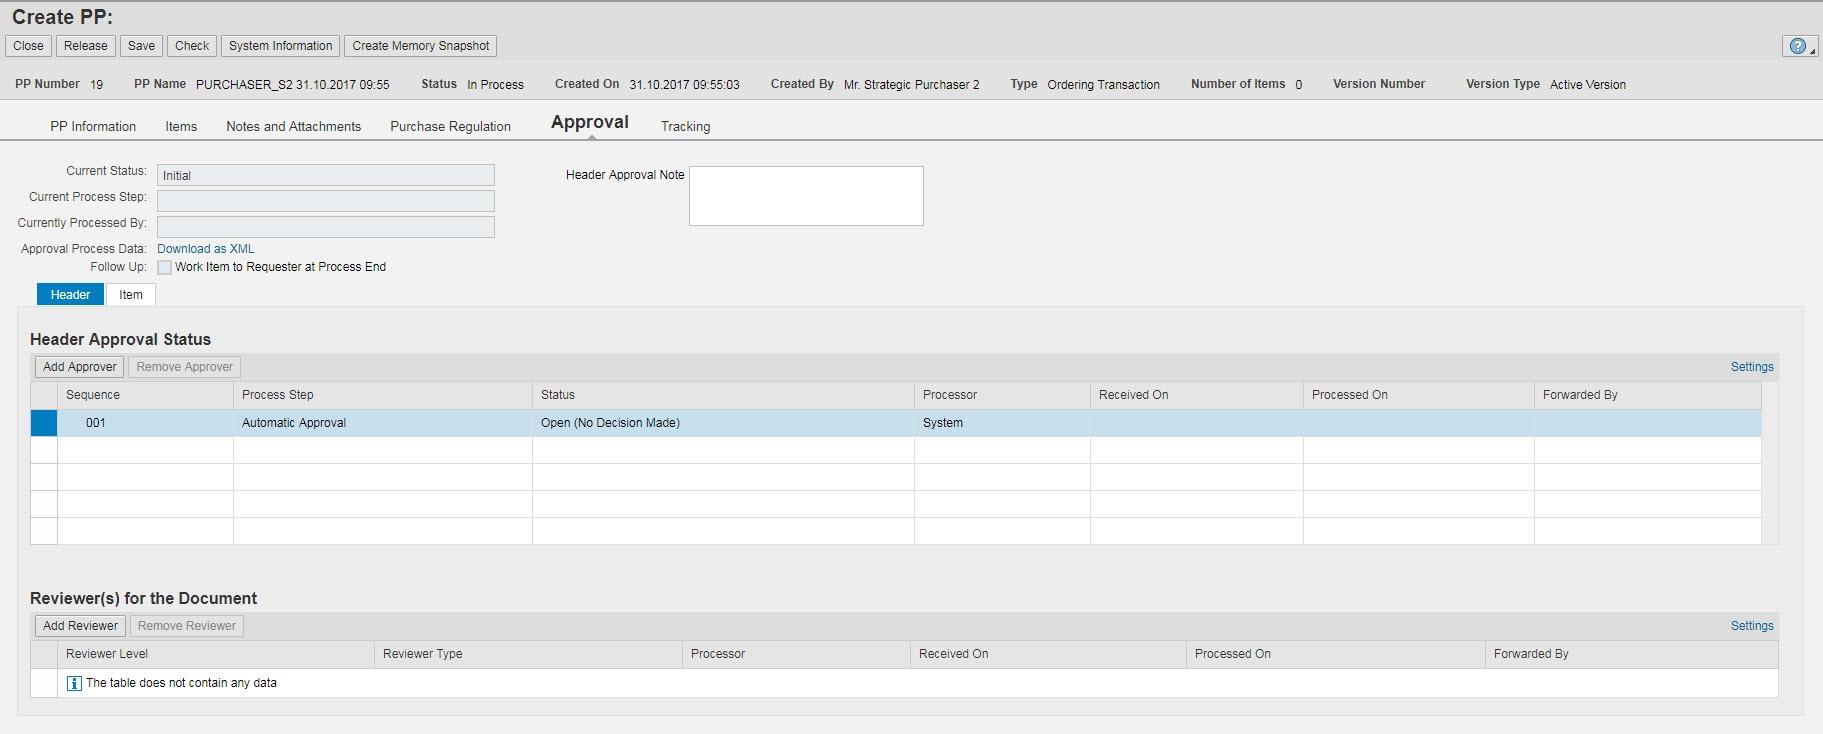 SRM PP - Approval - Supplier Relationship Management - SCN Wiki